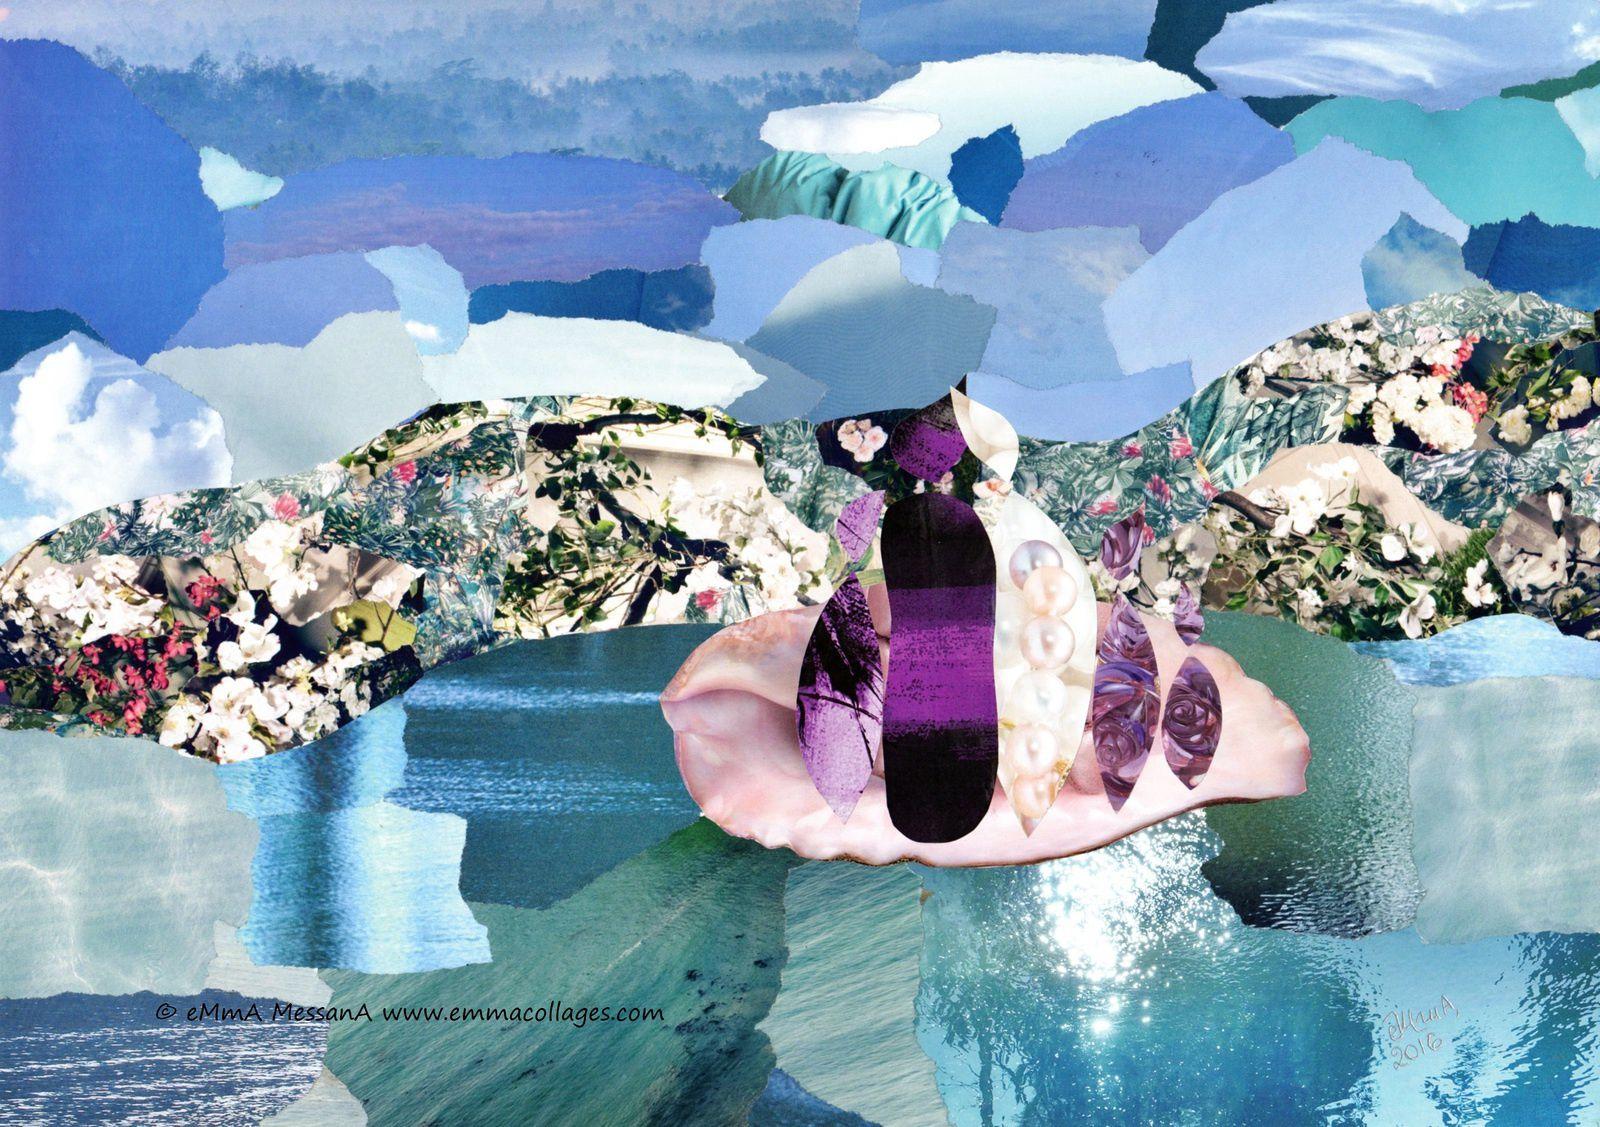 """Les Collages d'eMmA MessanA, collage """"Le chemin de nacre"""", pièce unique"""